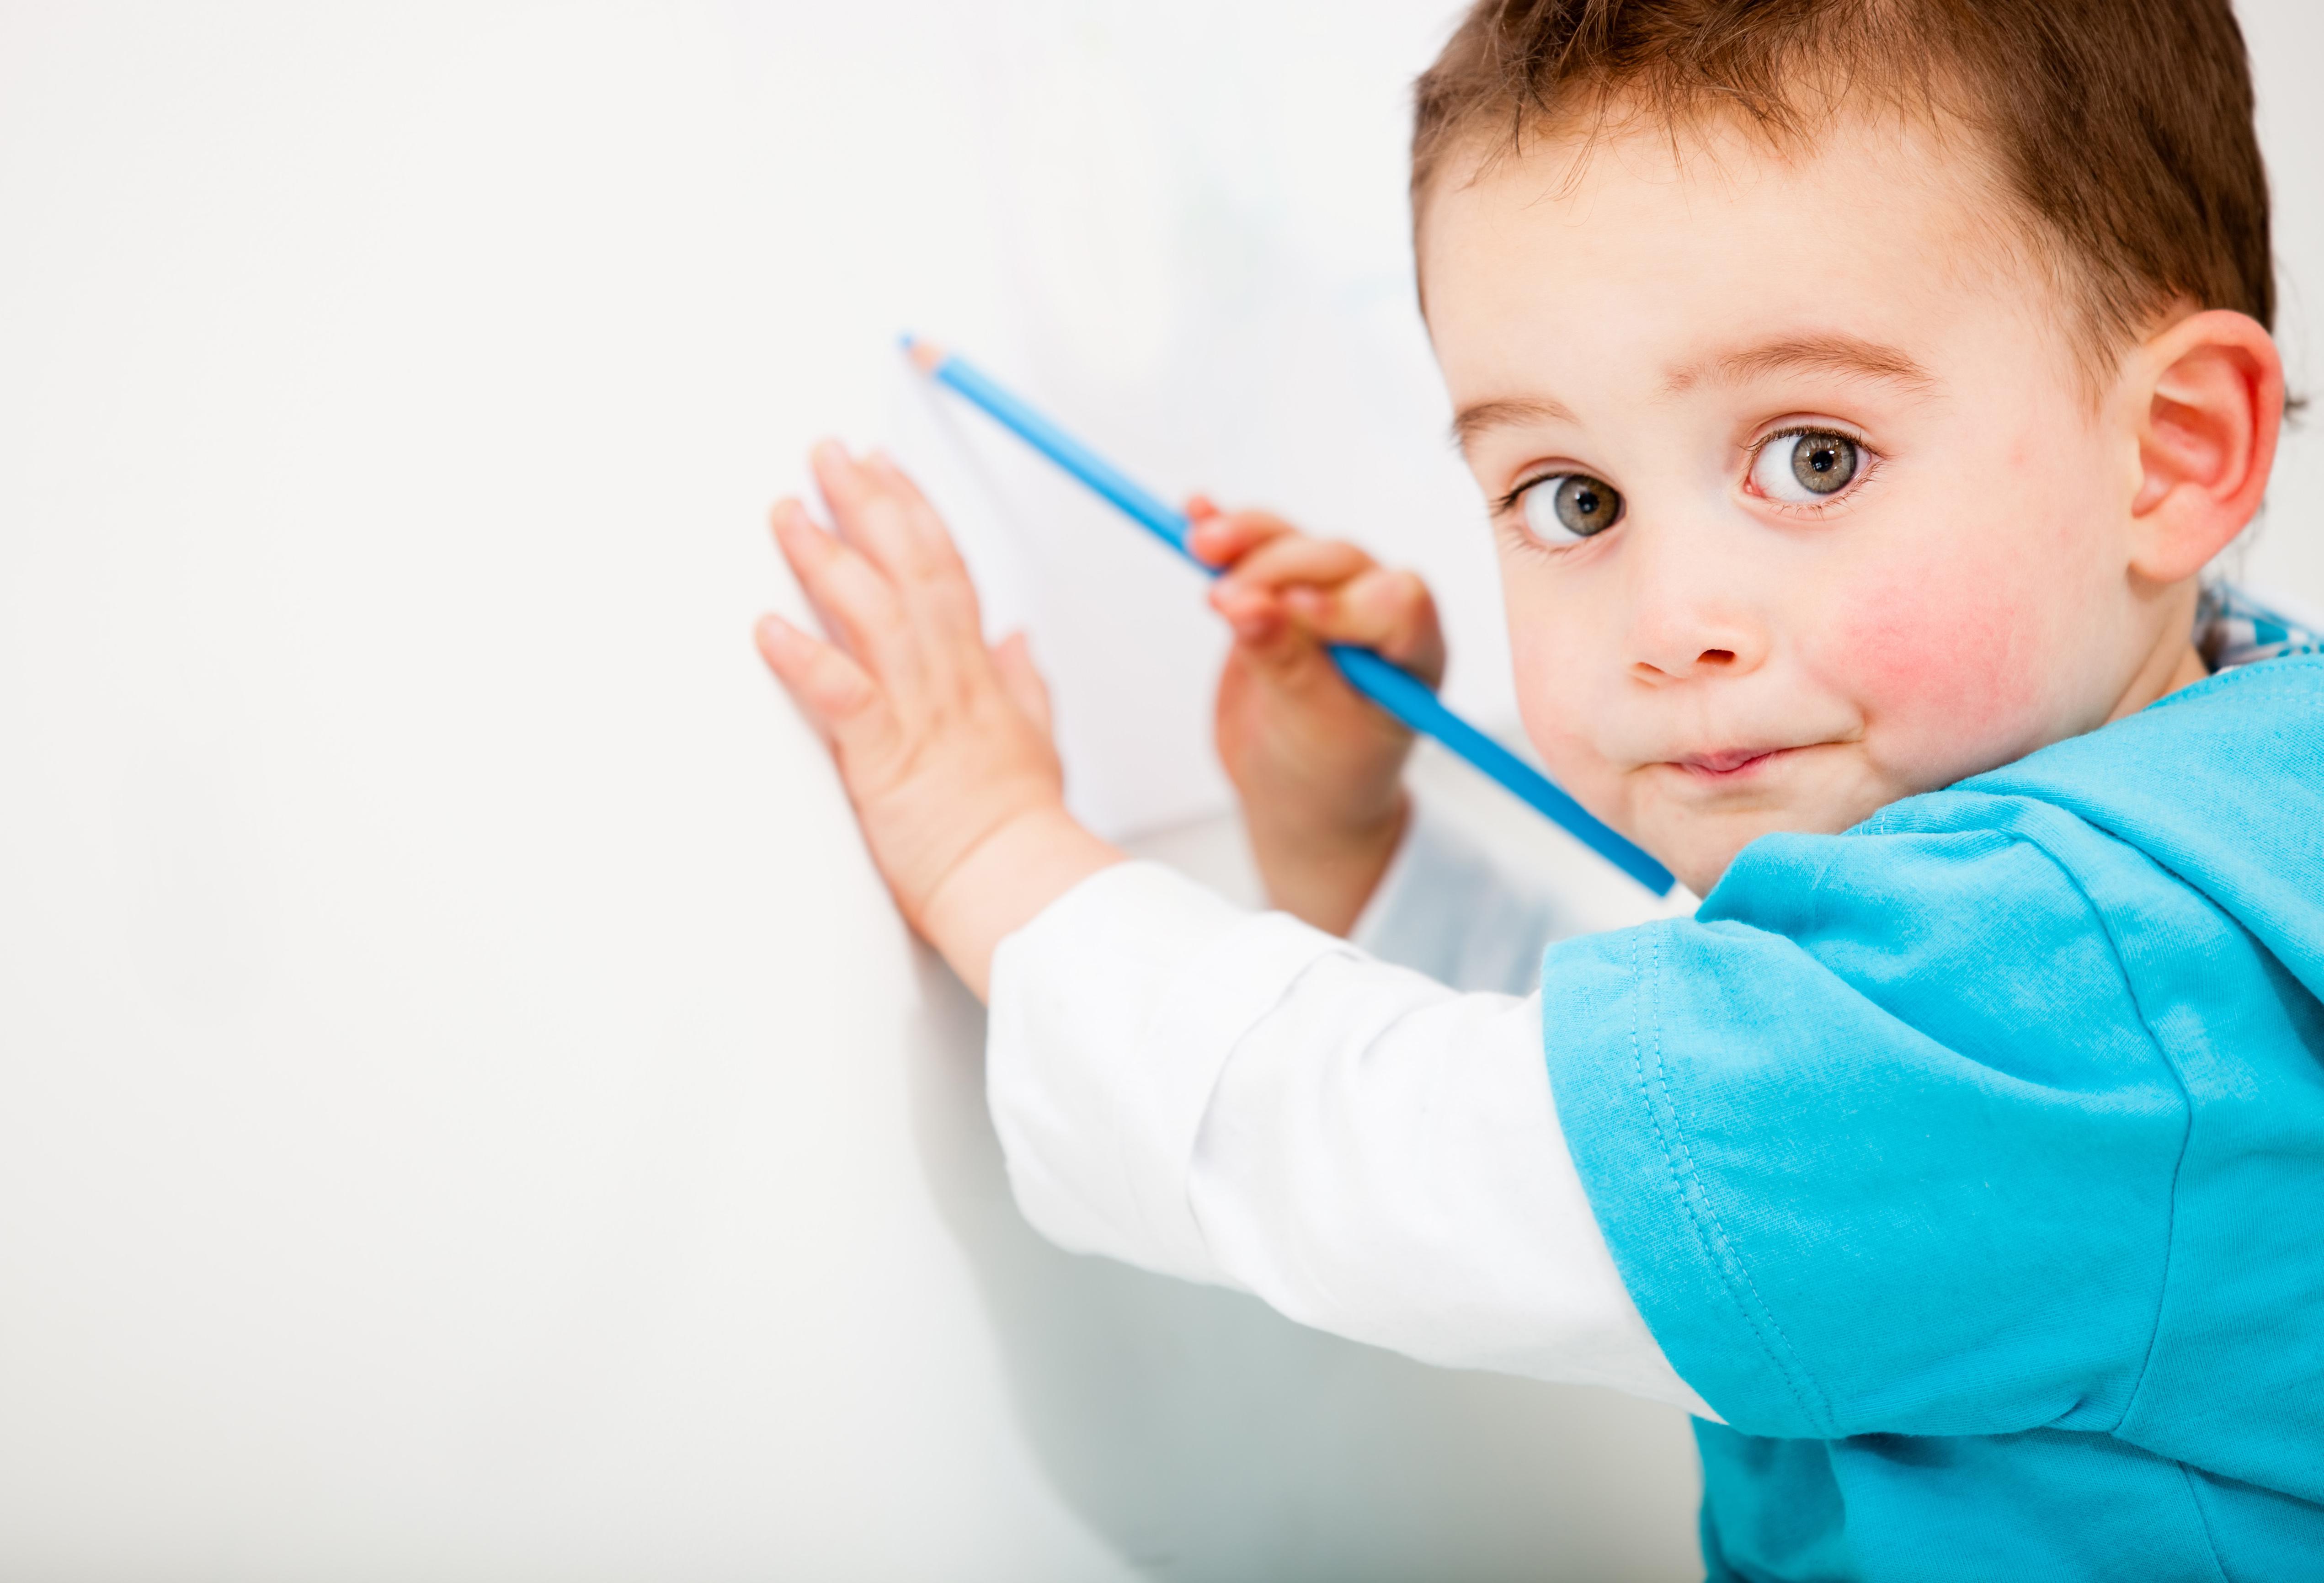 Мальчик рисует картинки, анимация